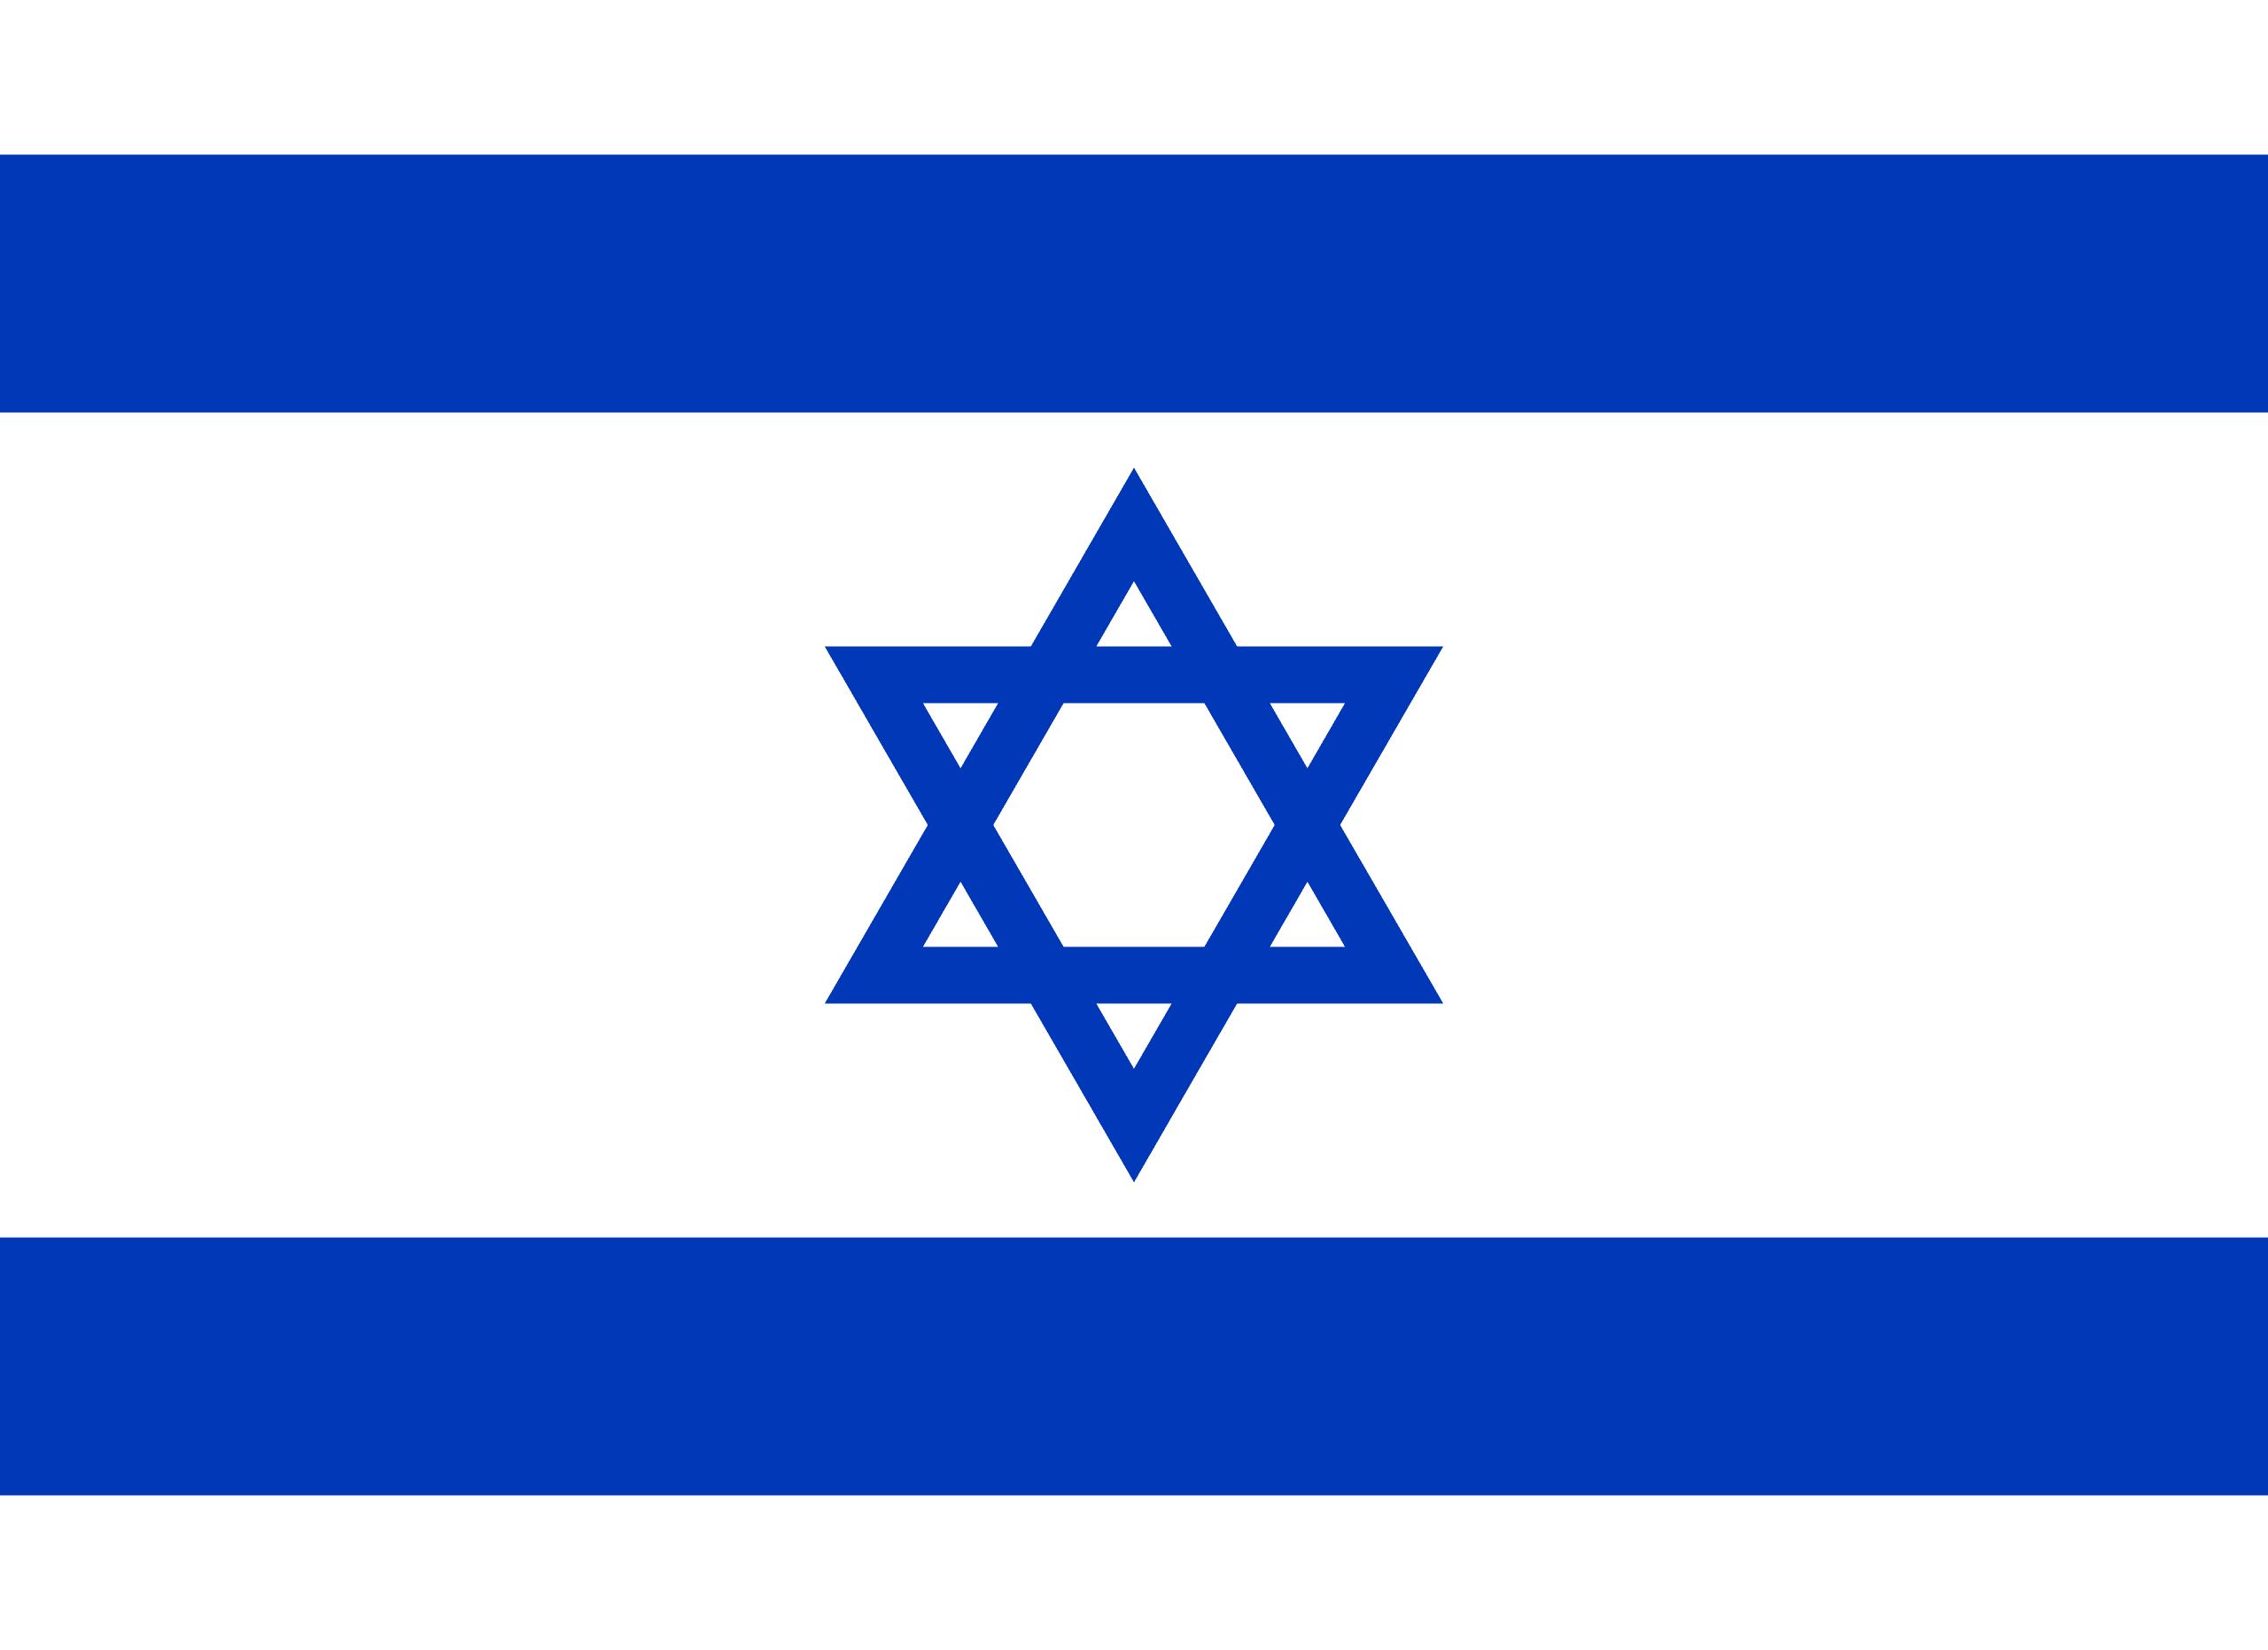 İsrail bayrağı: devlet simgelerinin açıklaması